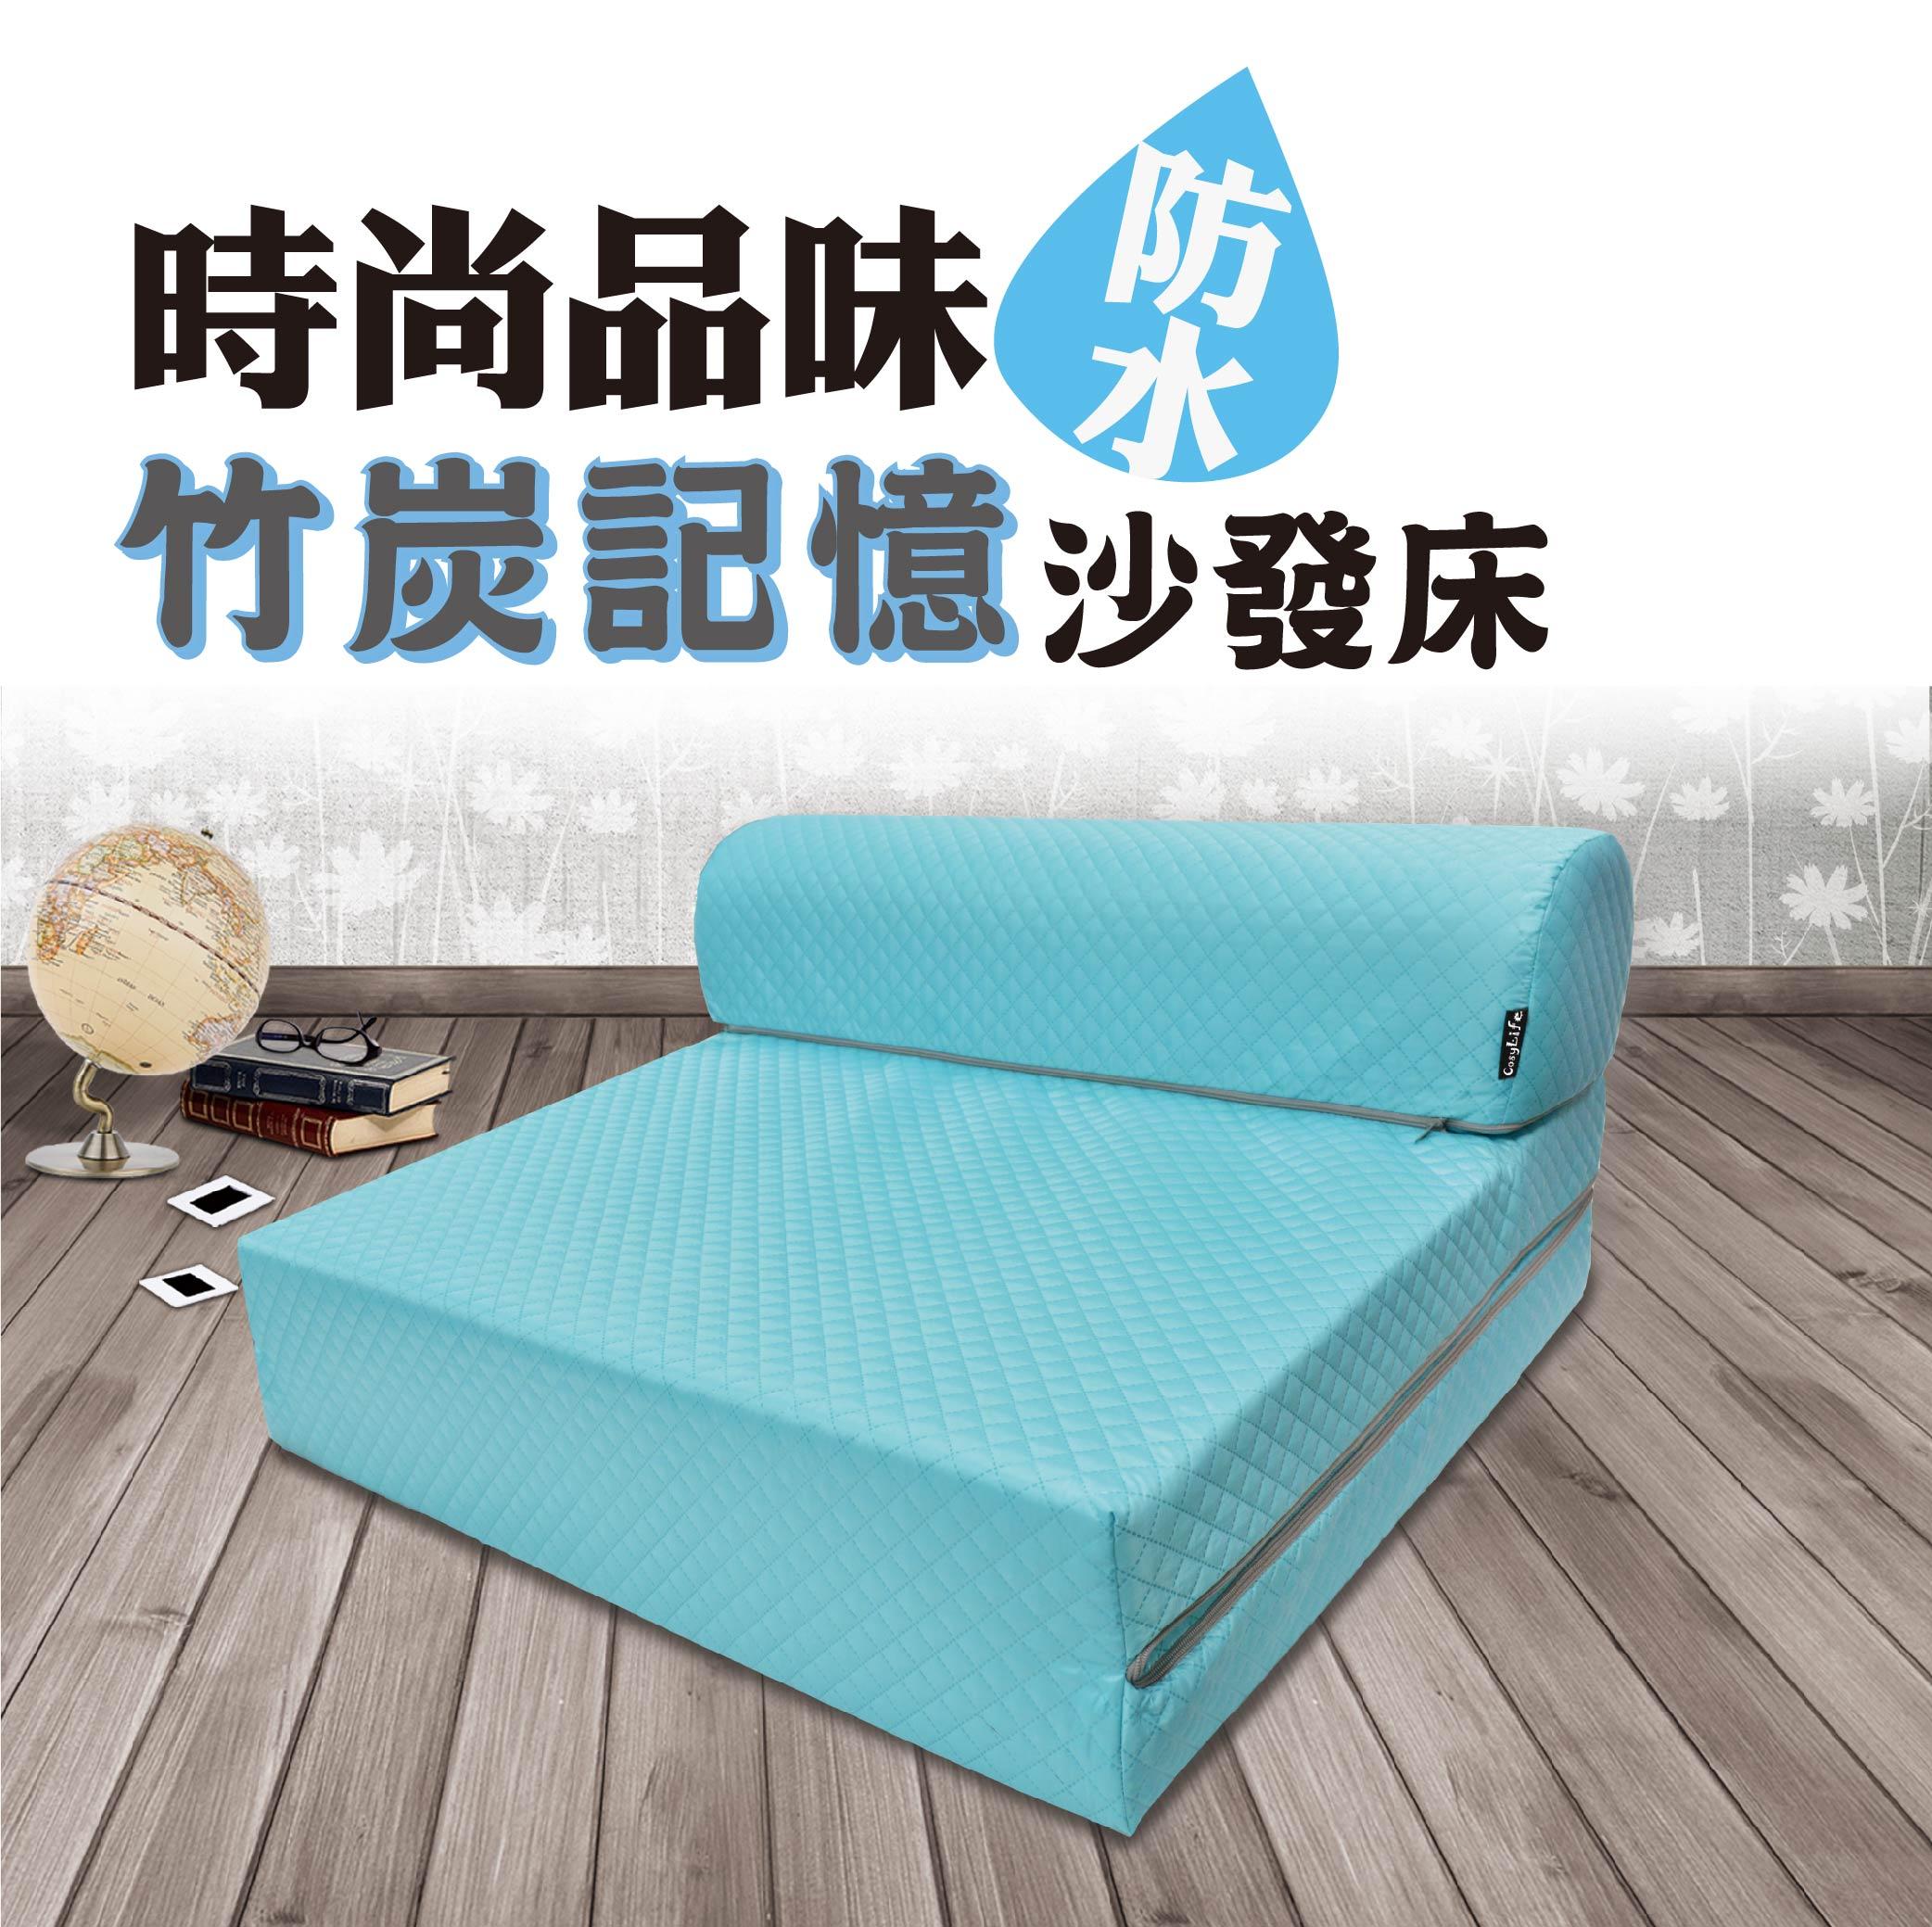 記憶床墊 / 沙發床 / 沙發【時尚品味10公分記憶沙發床】3x6.2尺 輕鬆折合變換使用  MIT台灣製 Rohouse 樂活居 0